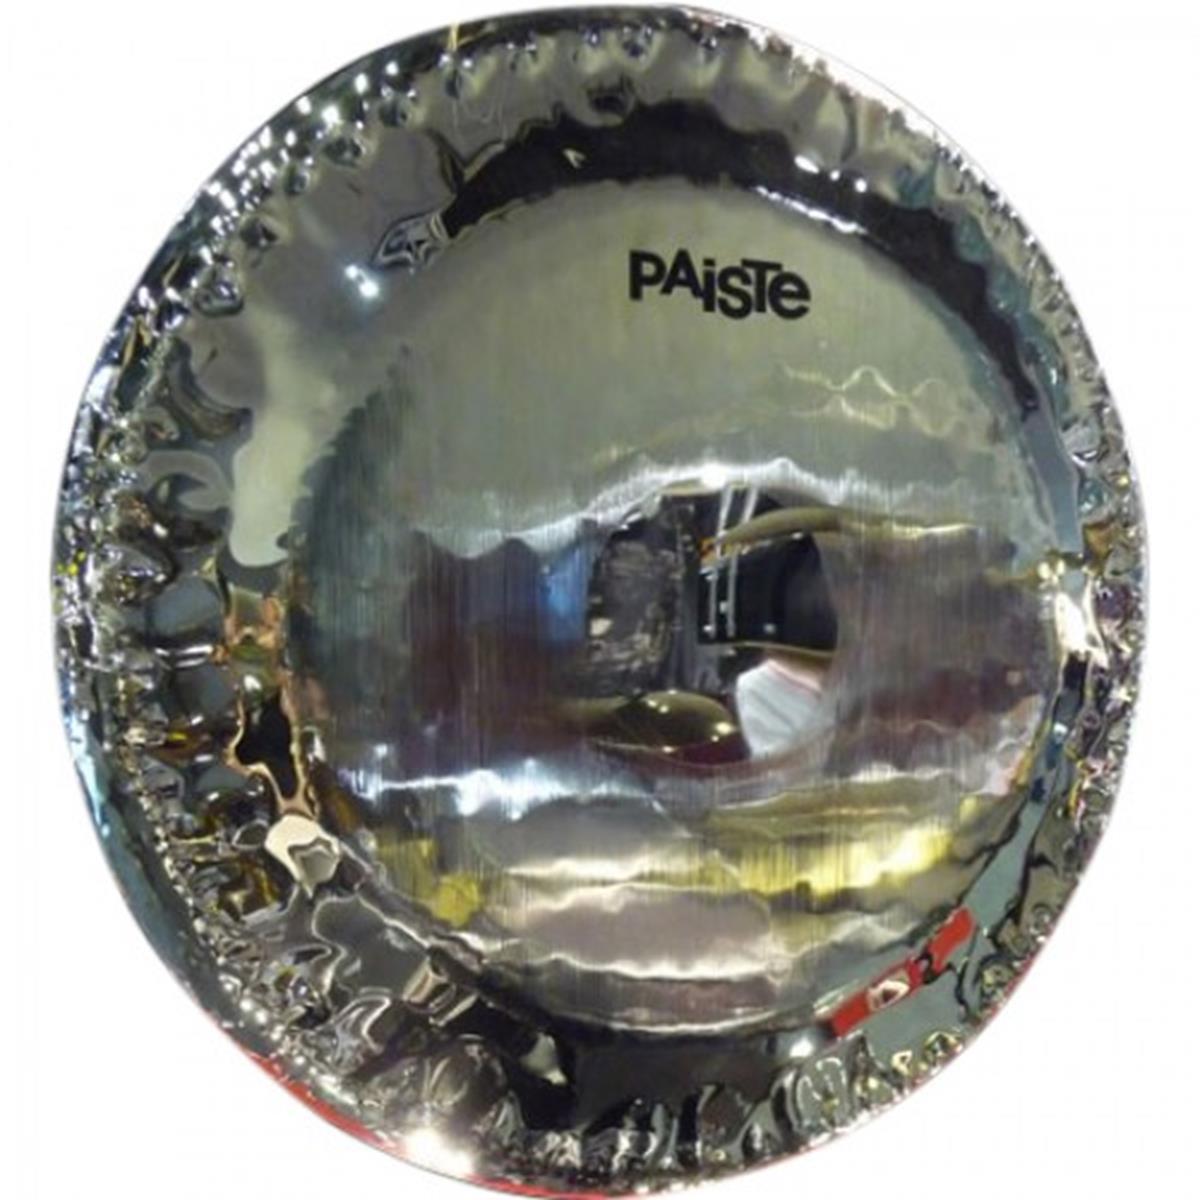 PAISTE GONGBR34 - Paiste Symphonic Brilliant Gong 34